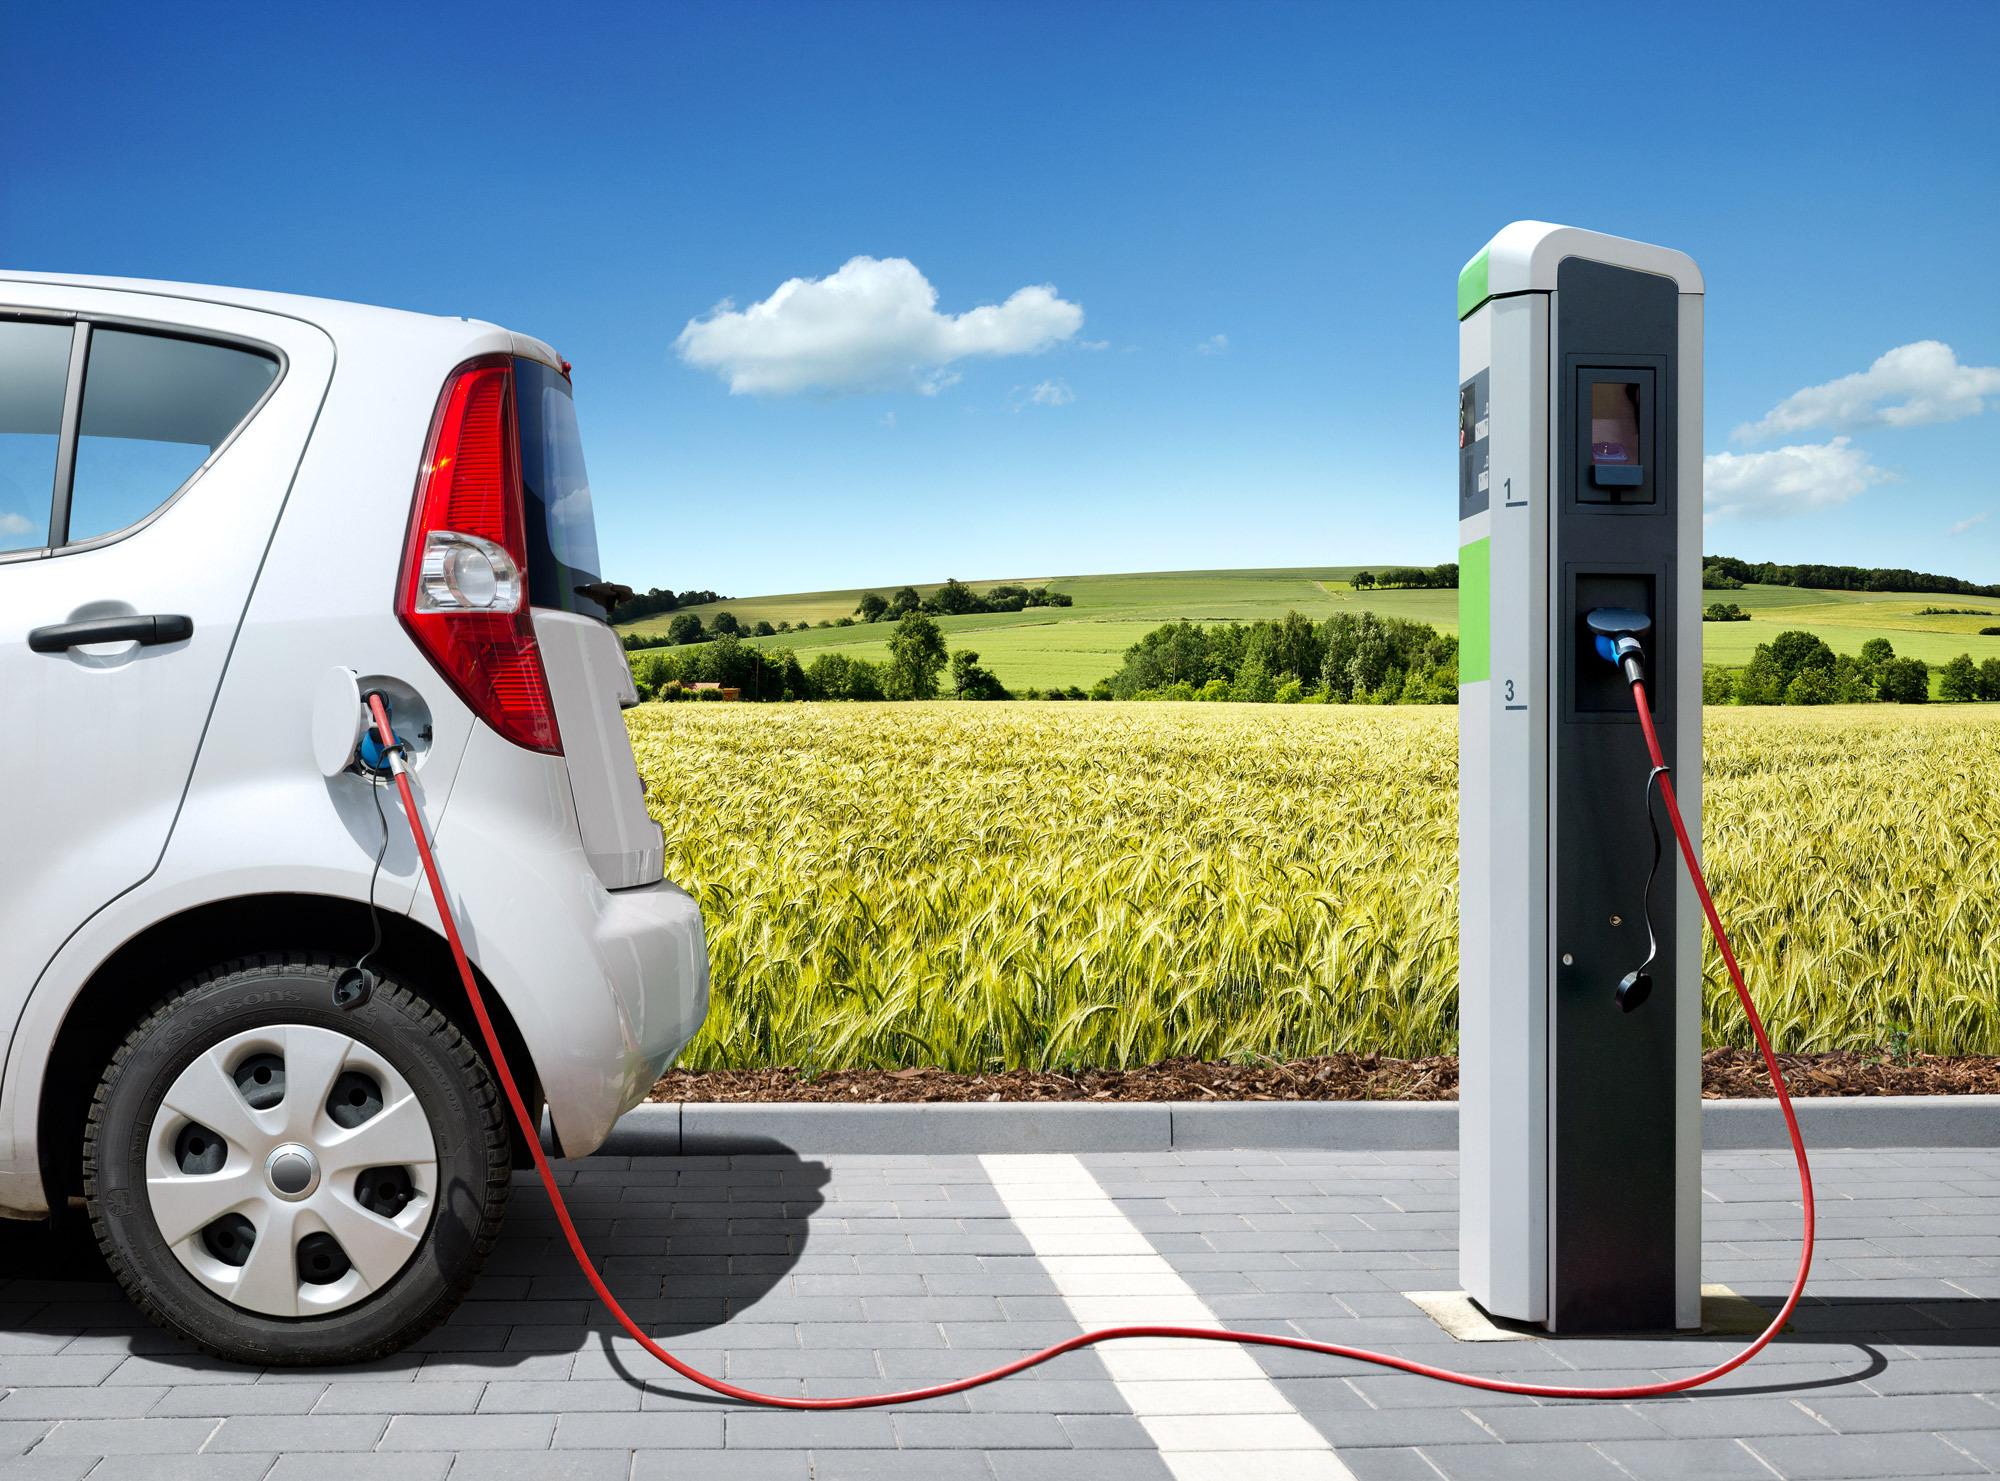 Cei mai mulţi români vor maşini hibrid şi electrice, deşi infrastructura nu este pregătită